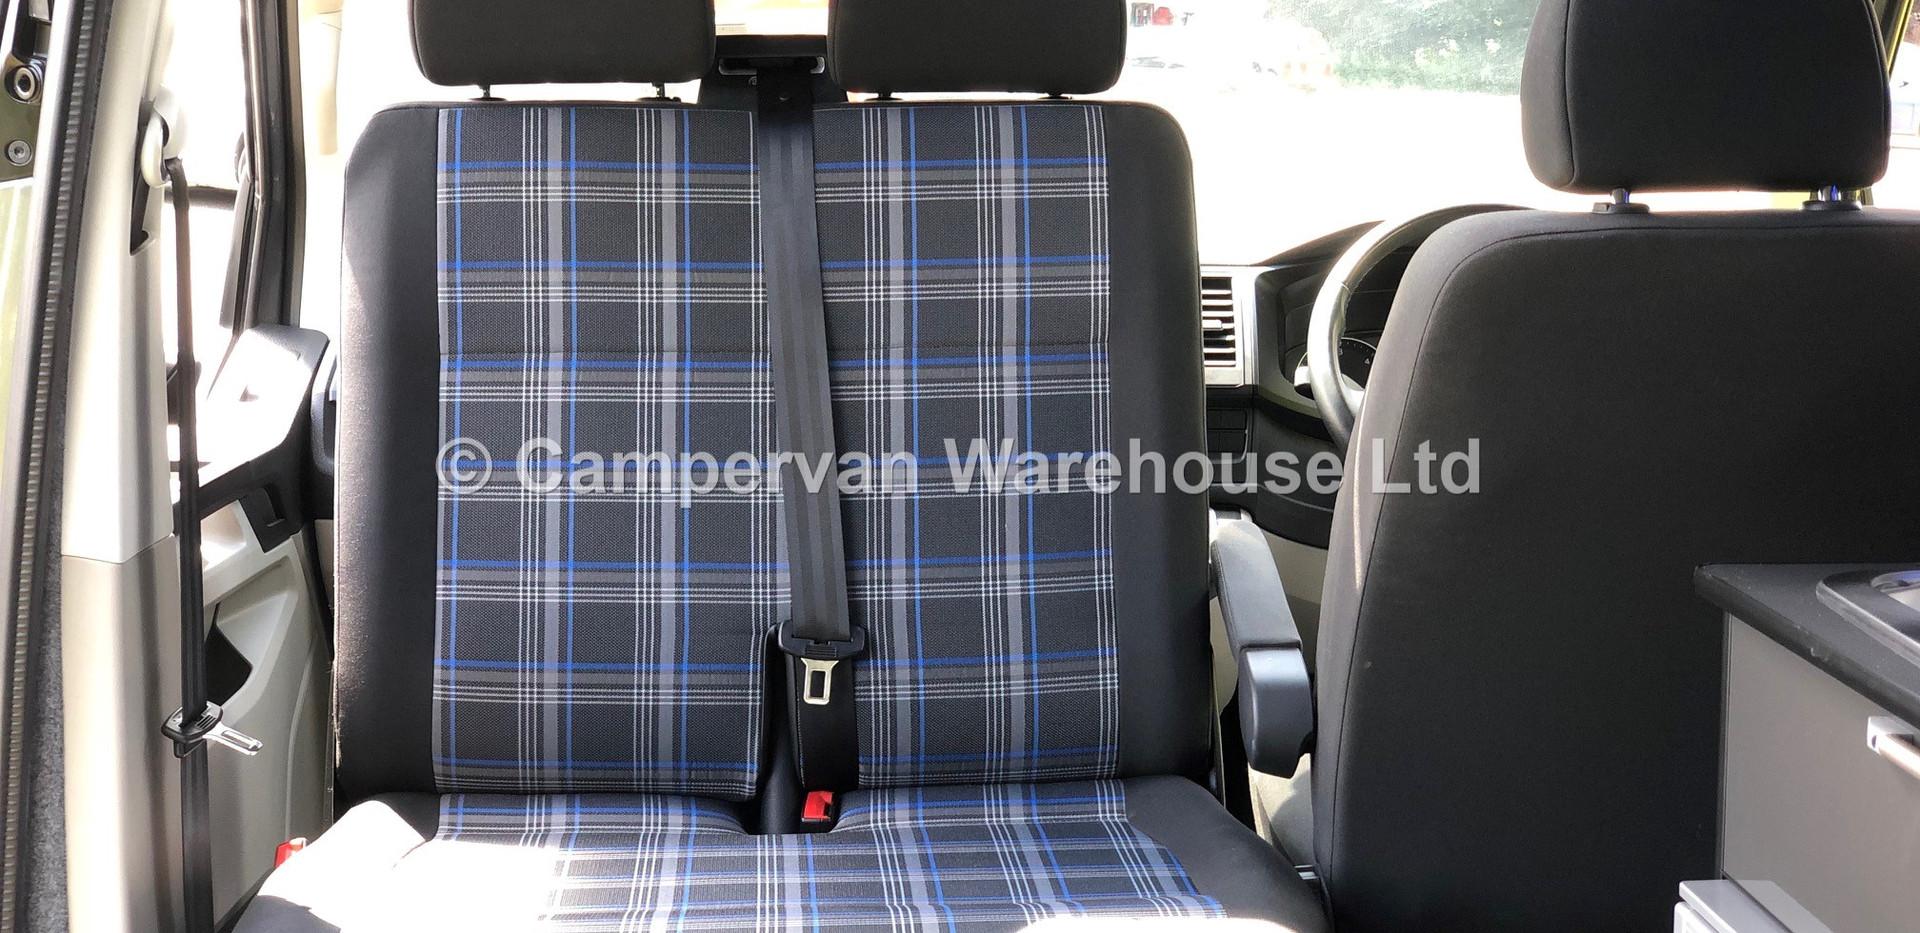 VW T6 Twin Seat Swivel